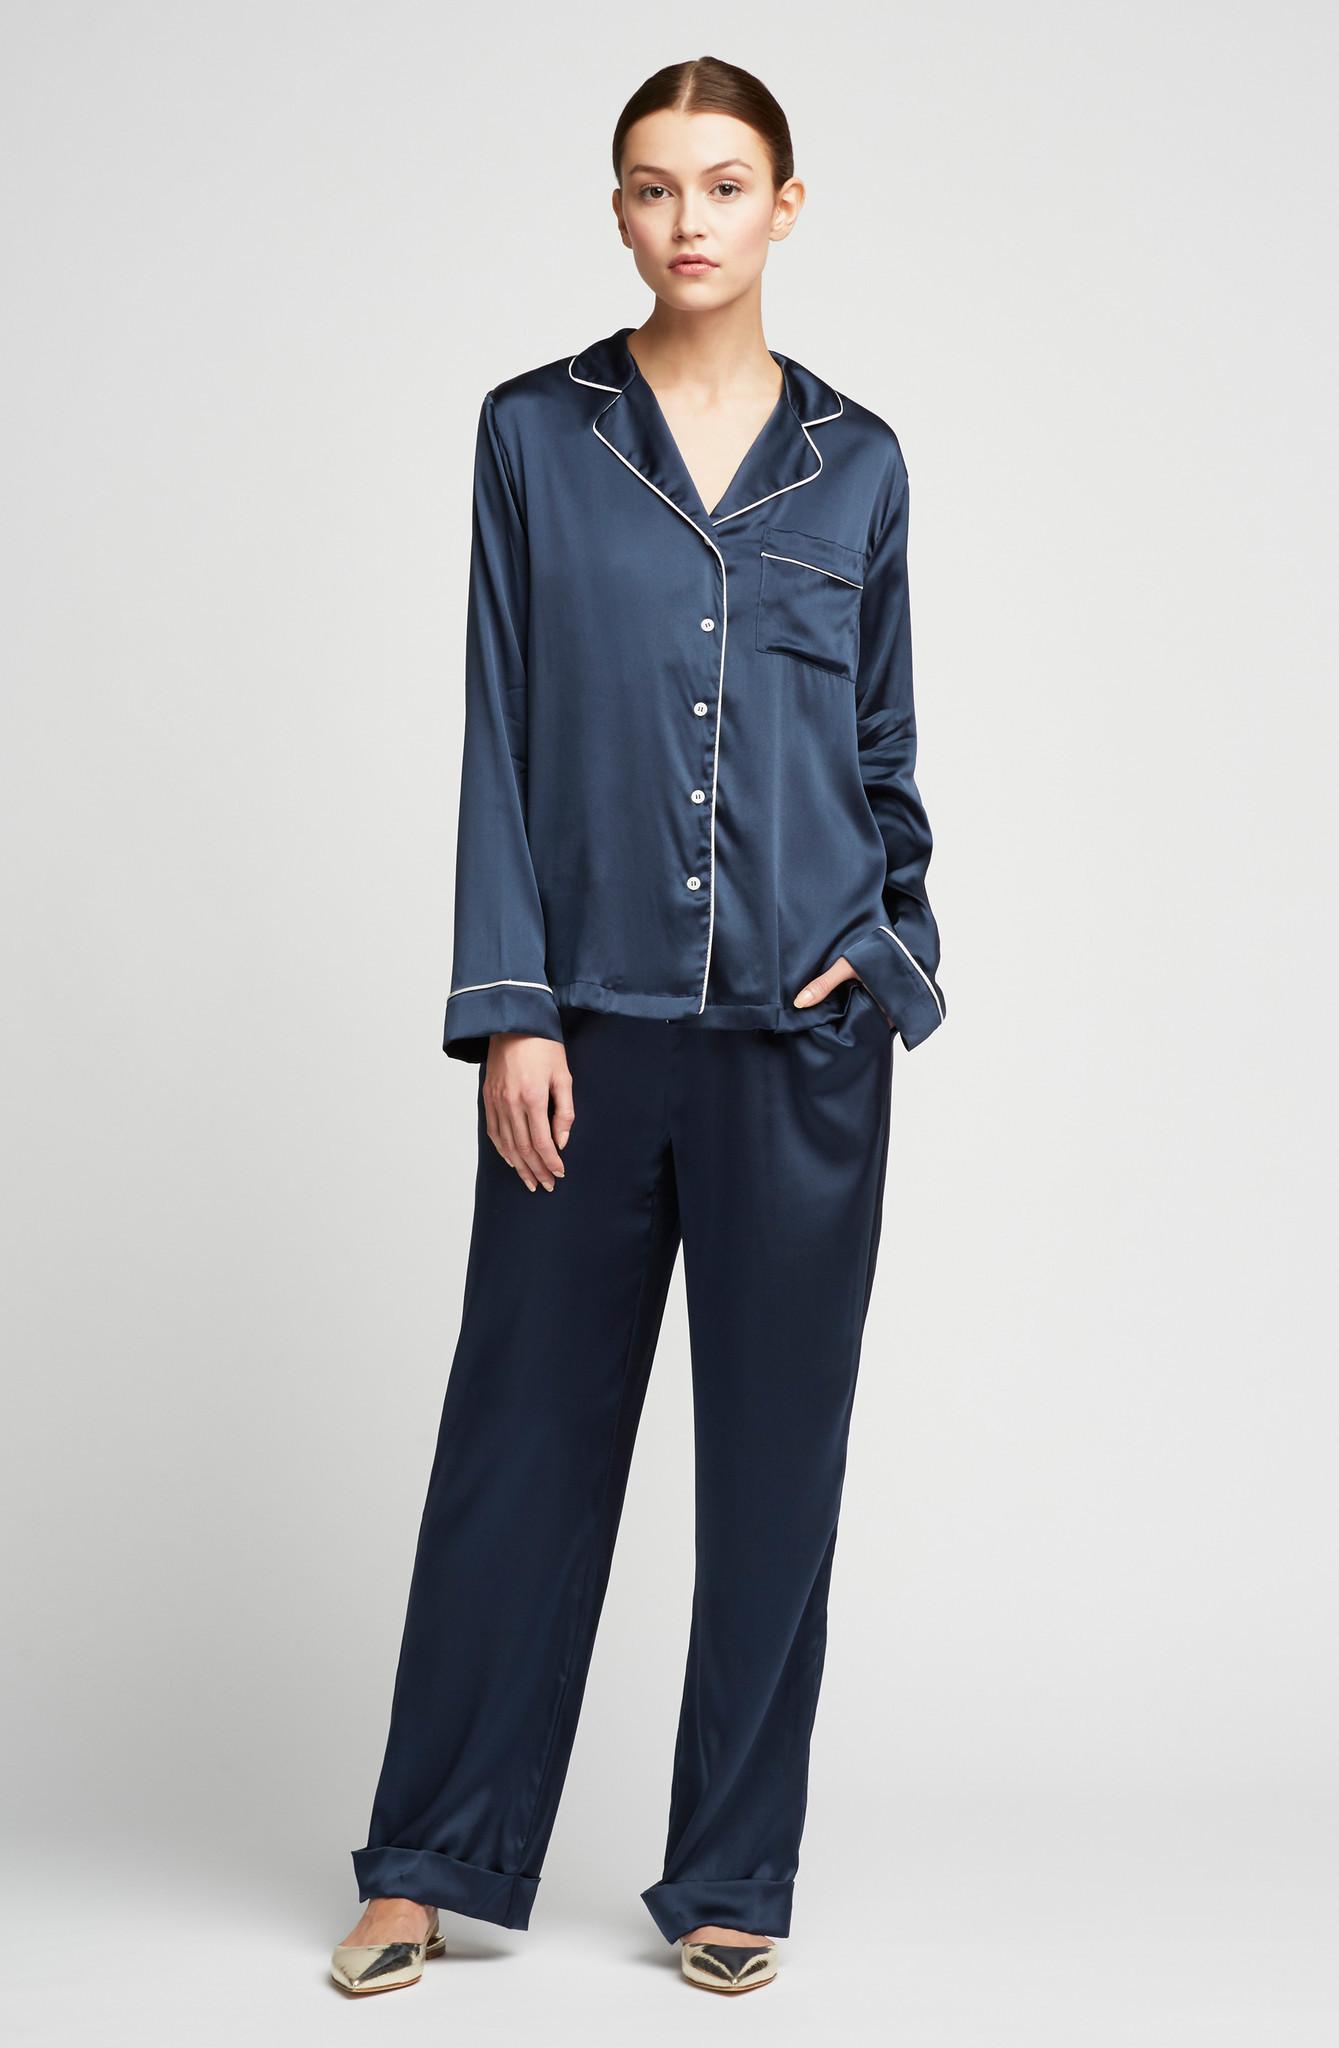 Pižama kot dnevno oblačilo (Yolke, 300€)